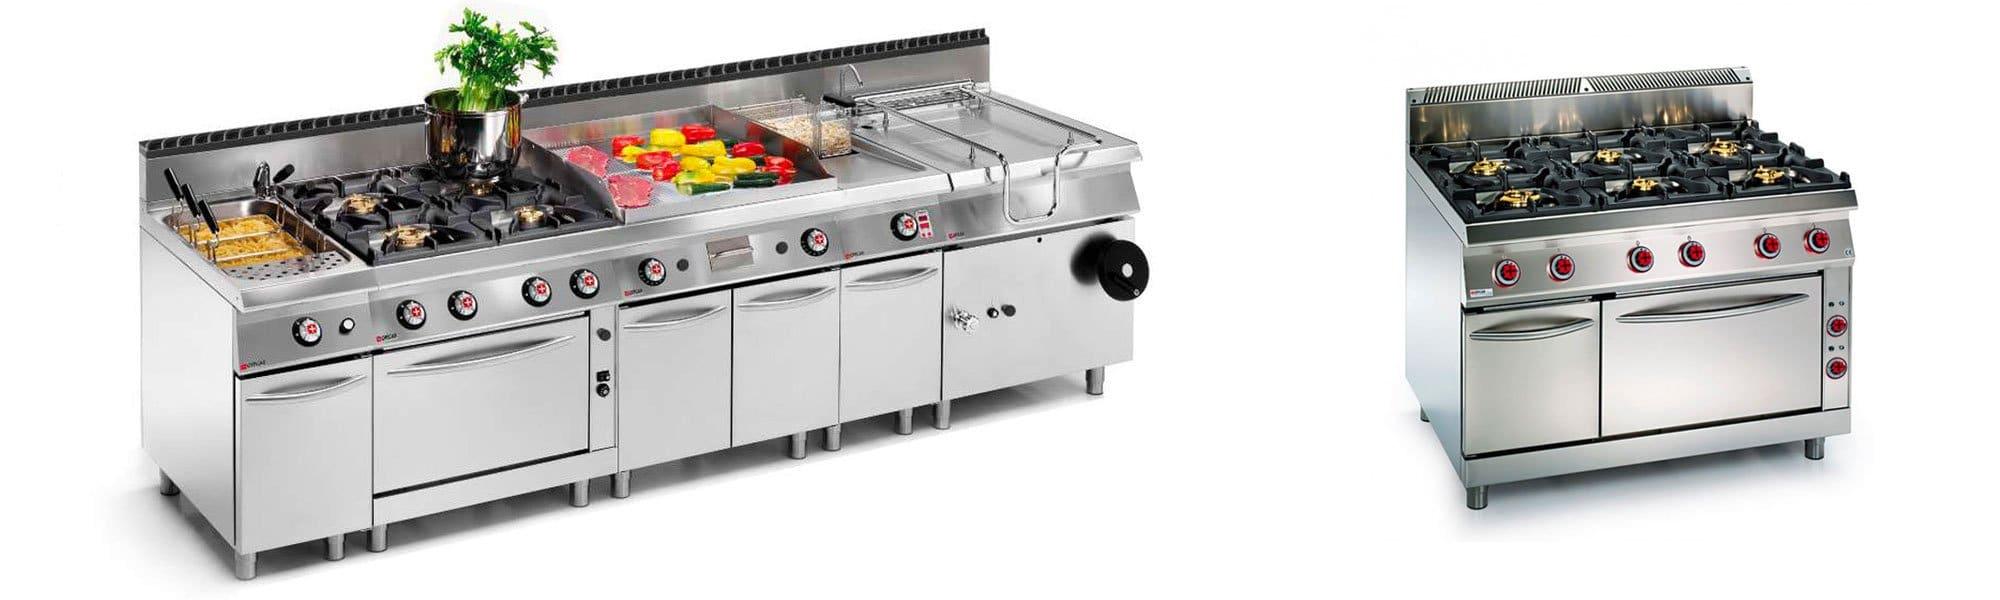 Cucine elettriche e a gas per pastifici